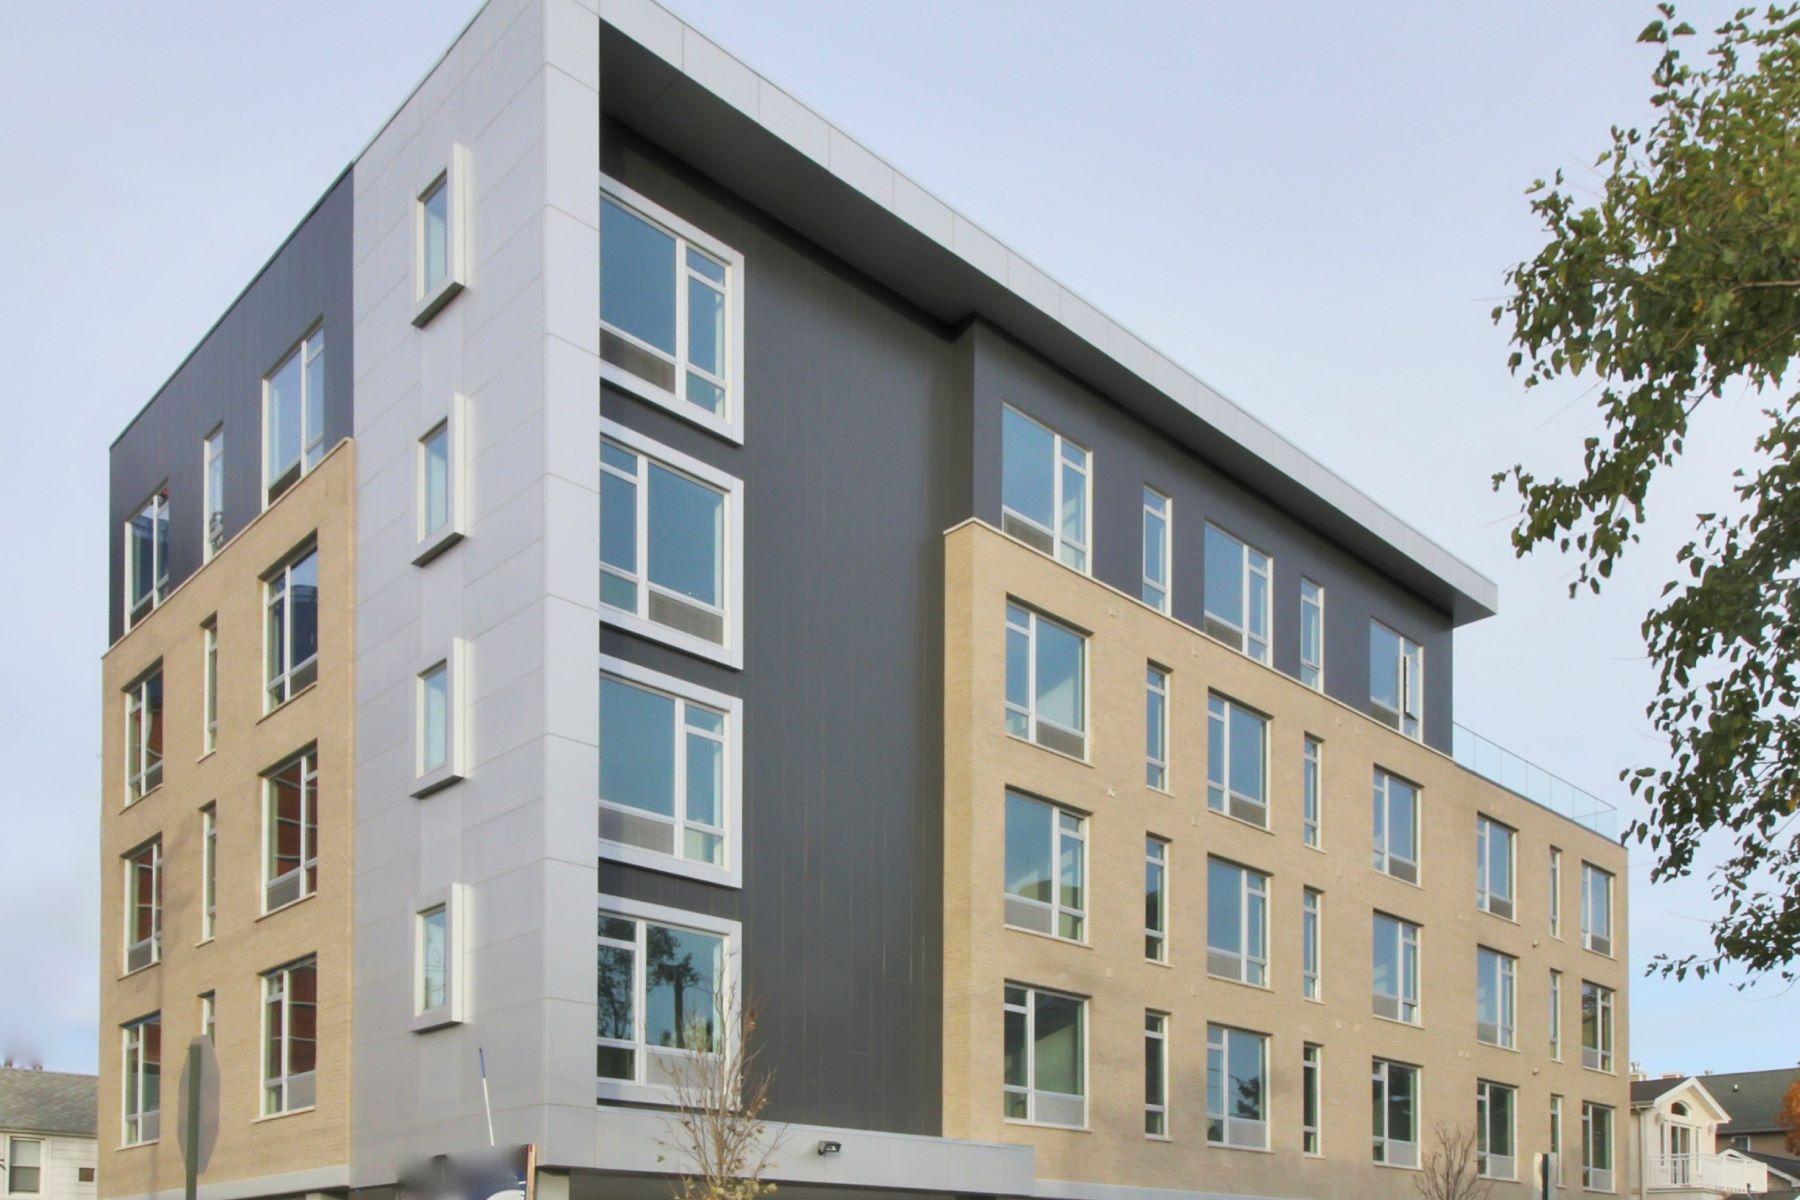 Квартира для того Аренда на The Cosmopolitan 159 Cedar Street #403 Fort Lee, Нью-Джерси 07024 Соединенные Штаты